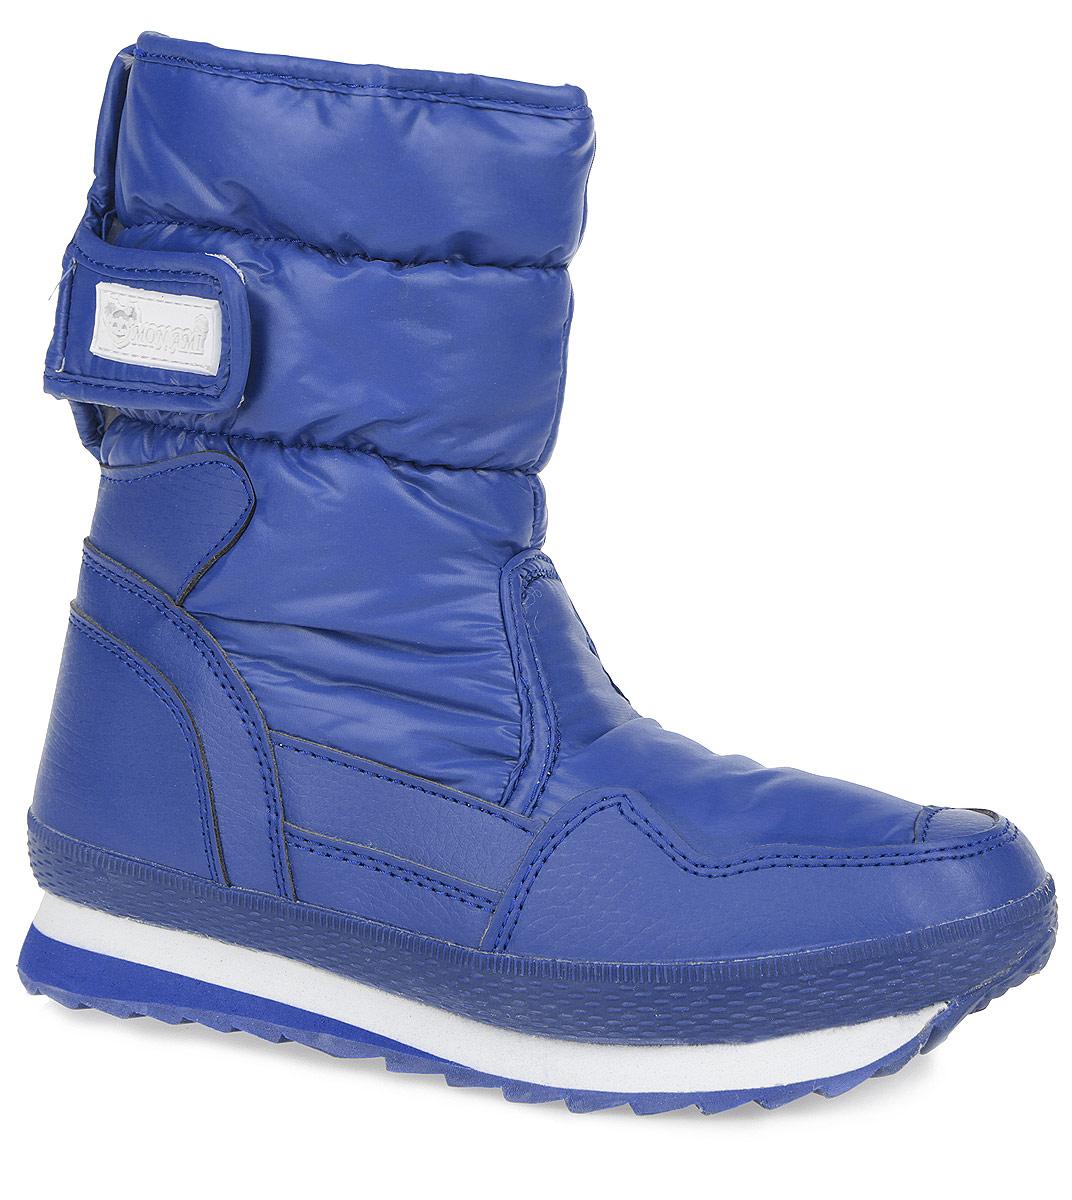 Дутики женские. RC825-2-19RC825-2-19/BLUEПрактичные и удобные женские дутики от Mon Ami - отличный вариант на каждый день. Модель выполнена из комбинации водоотталкивающей плащевой ткани и искусственной кожи. По ранту обувь дополнена вставкой из полимерного материала. Верх изделия оформлен двумя удобными застежками-липучками, которые надежно фиксируют модель на ноге и регулируют объем. Подкладка и анатомическая стелька, изготовленные из искусственного меха, согреют ноги в мороз и обеспечат уют. Сбоку дутики украшены нашивкой из ПВХ с логотипом бренда. Подошва из полимерного термопластичного материала - с противоскользящим рифлением. Удобные дутики придутся вам по душе.